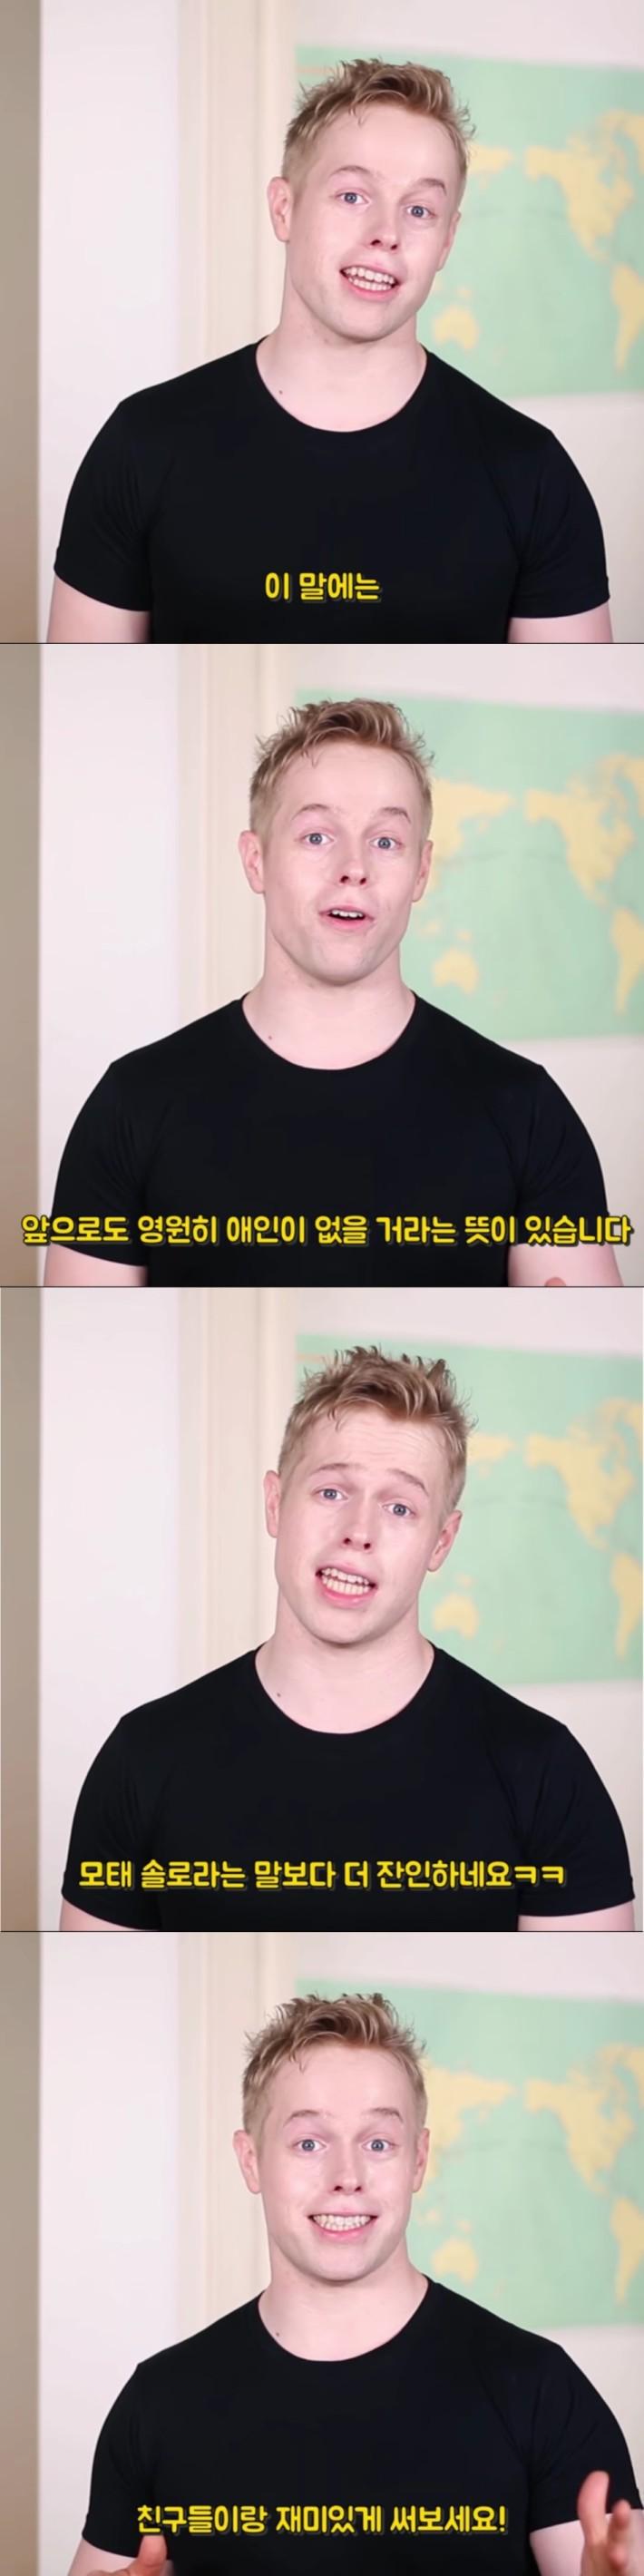 모태쏠로 영어표현으로 배워보자